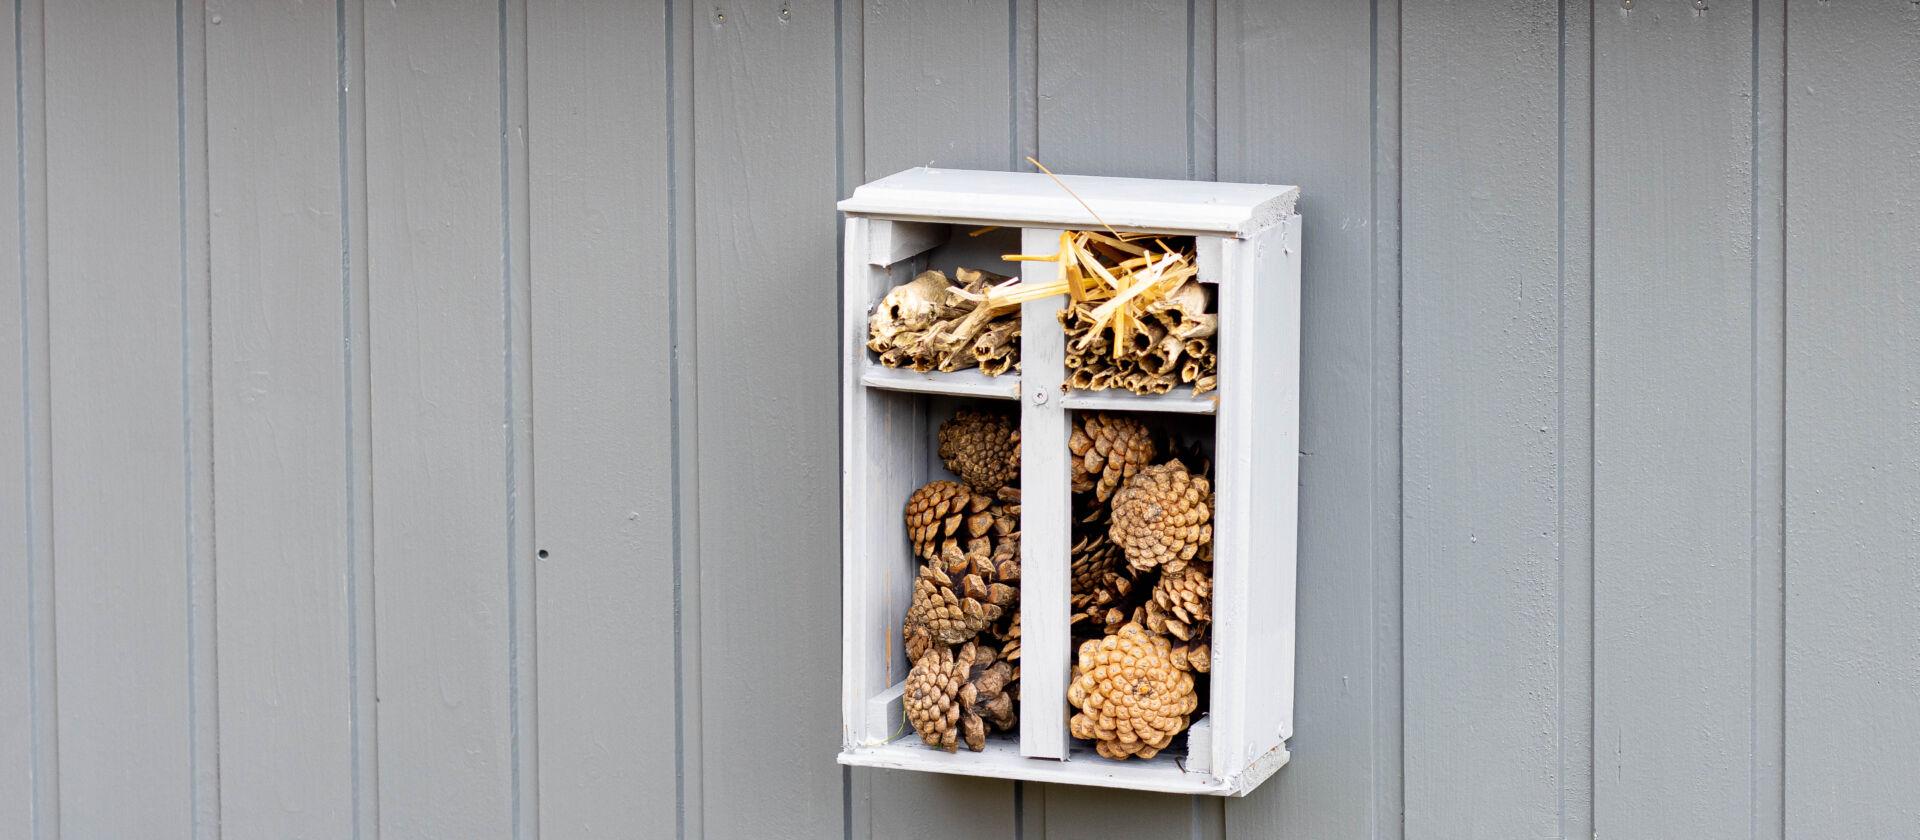 Anzeige: Insektenhotel bauen – DIY aus Holzresten